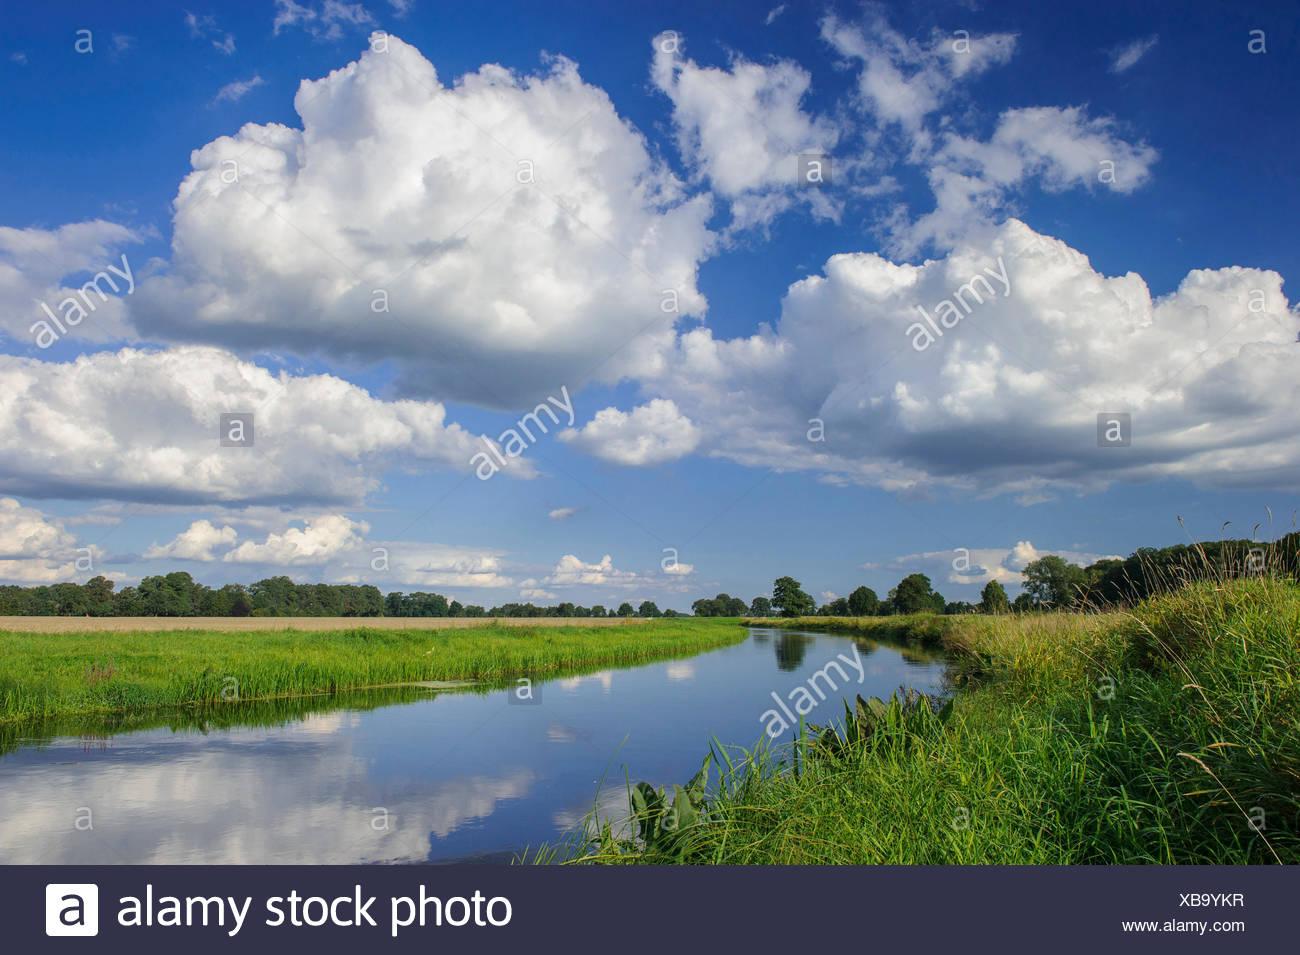 clouds over river Hunte in summer, Goldenstedt highmoor, Germany, Lower Saxony, Oldenburger Muensterland - Stock Image